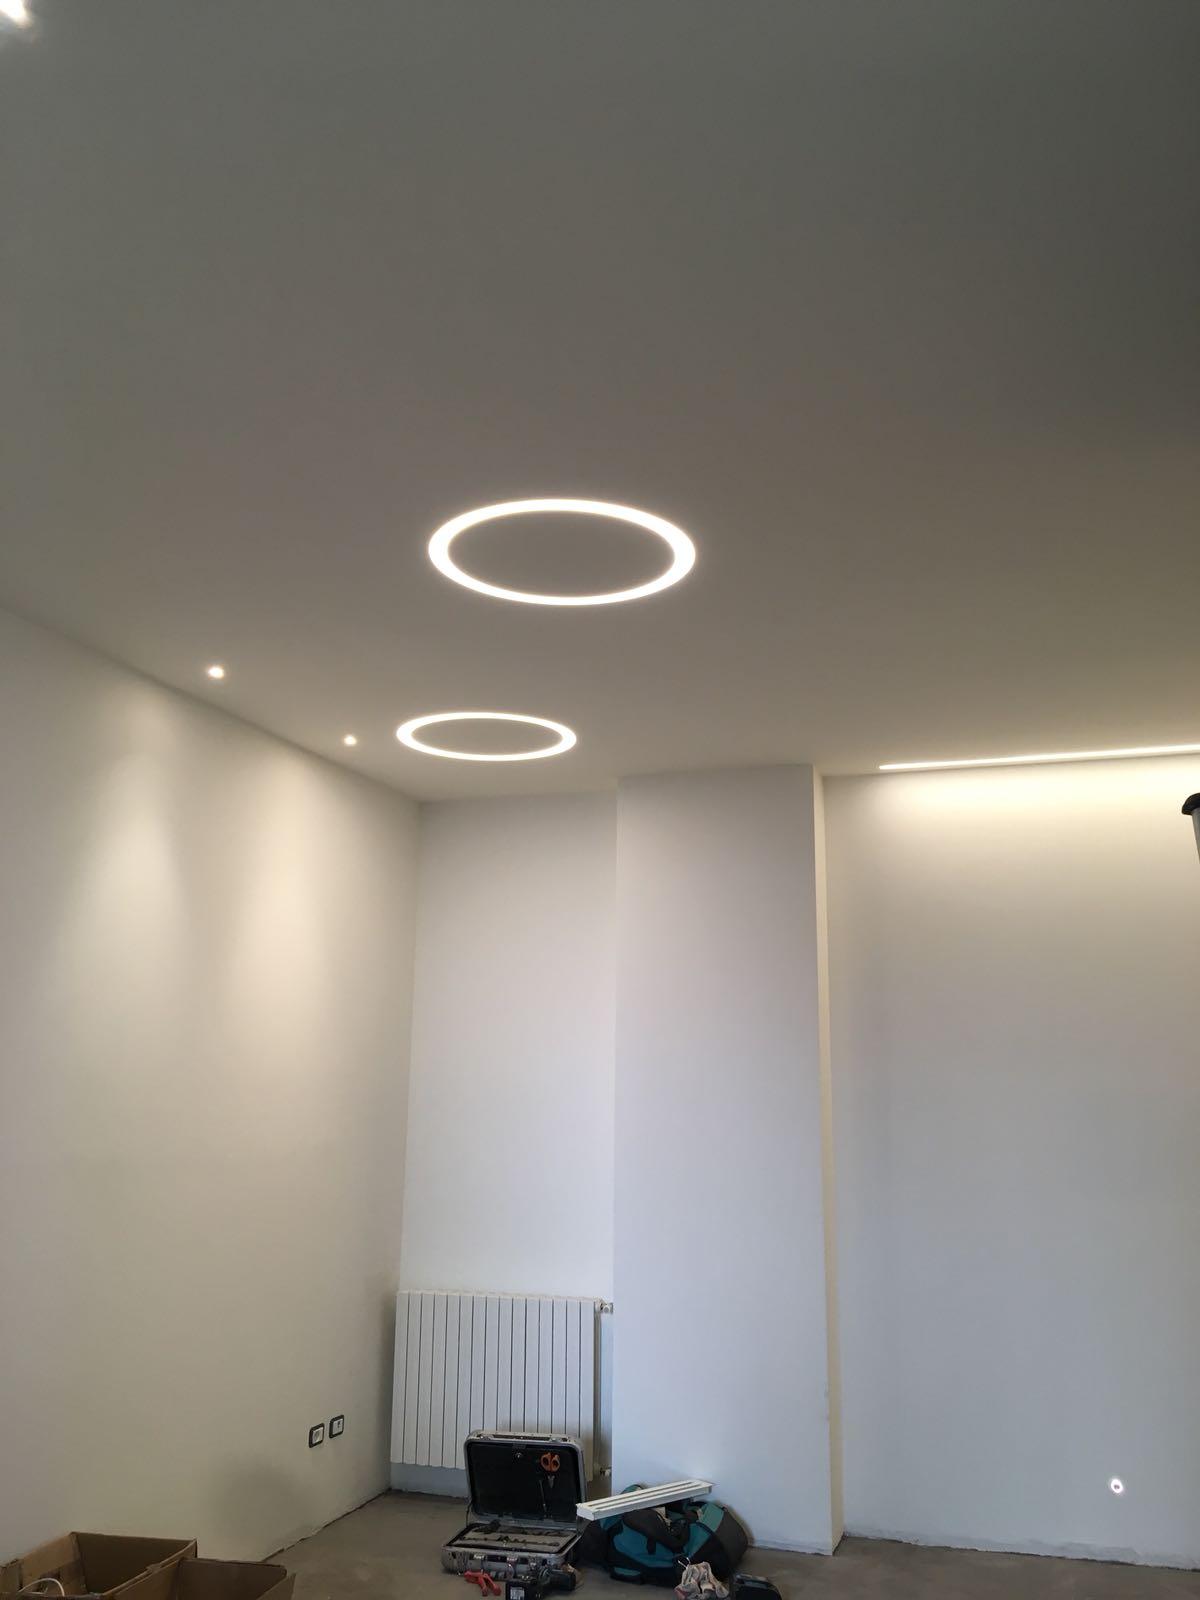 20. Illuminazione ad incasso su controsoffitto e installazione segna passo a parete: lavori ultimati.